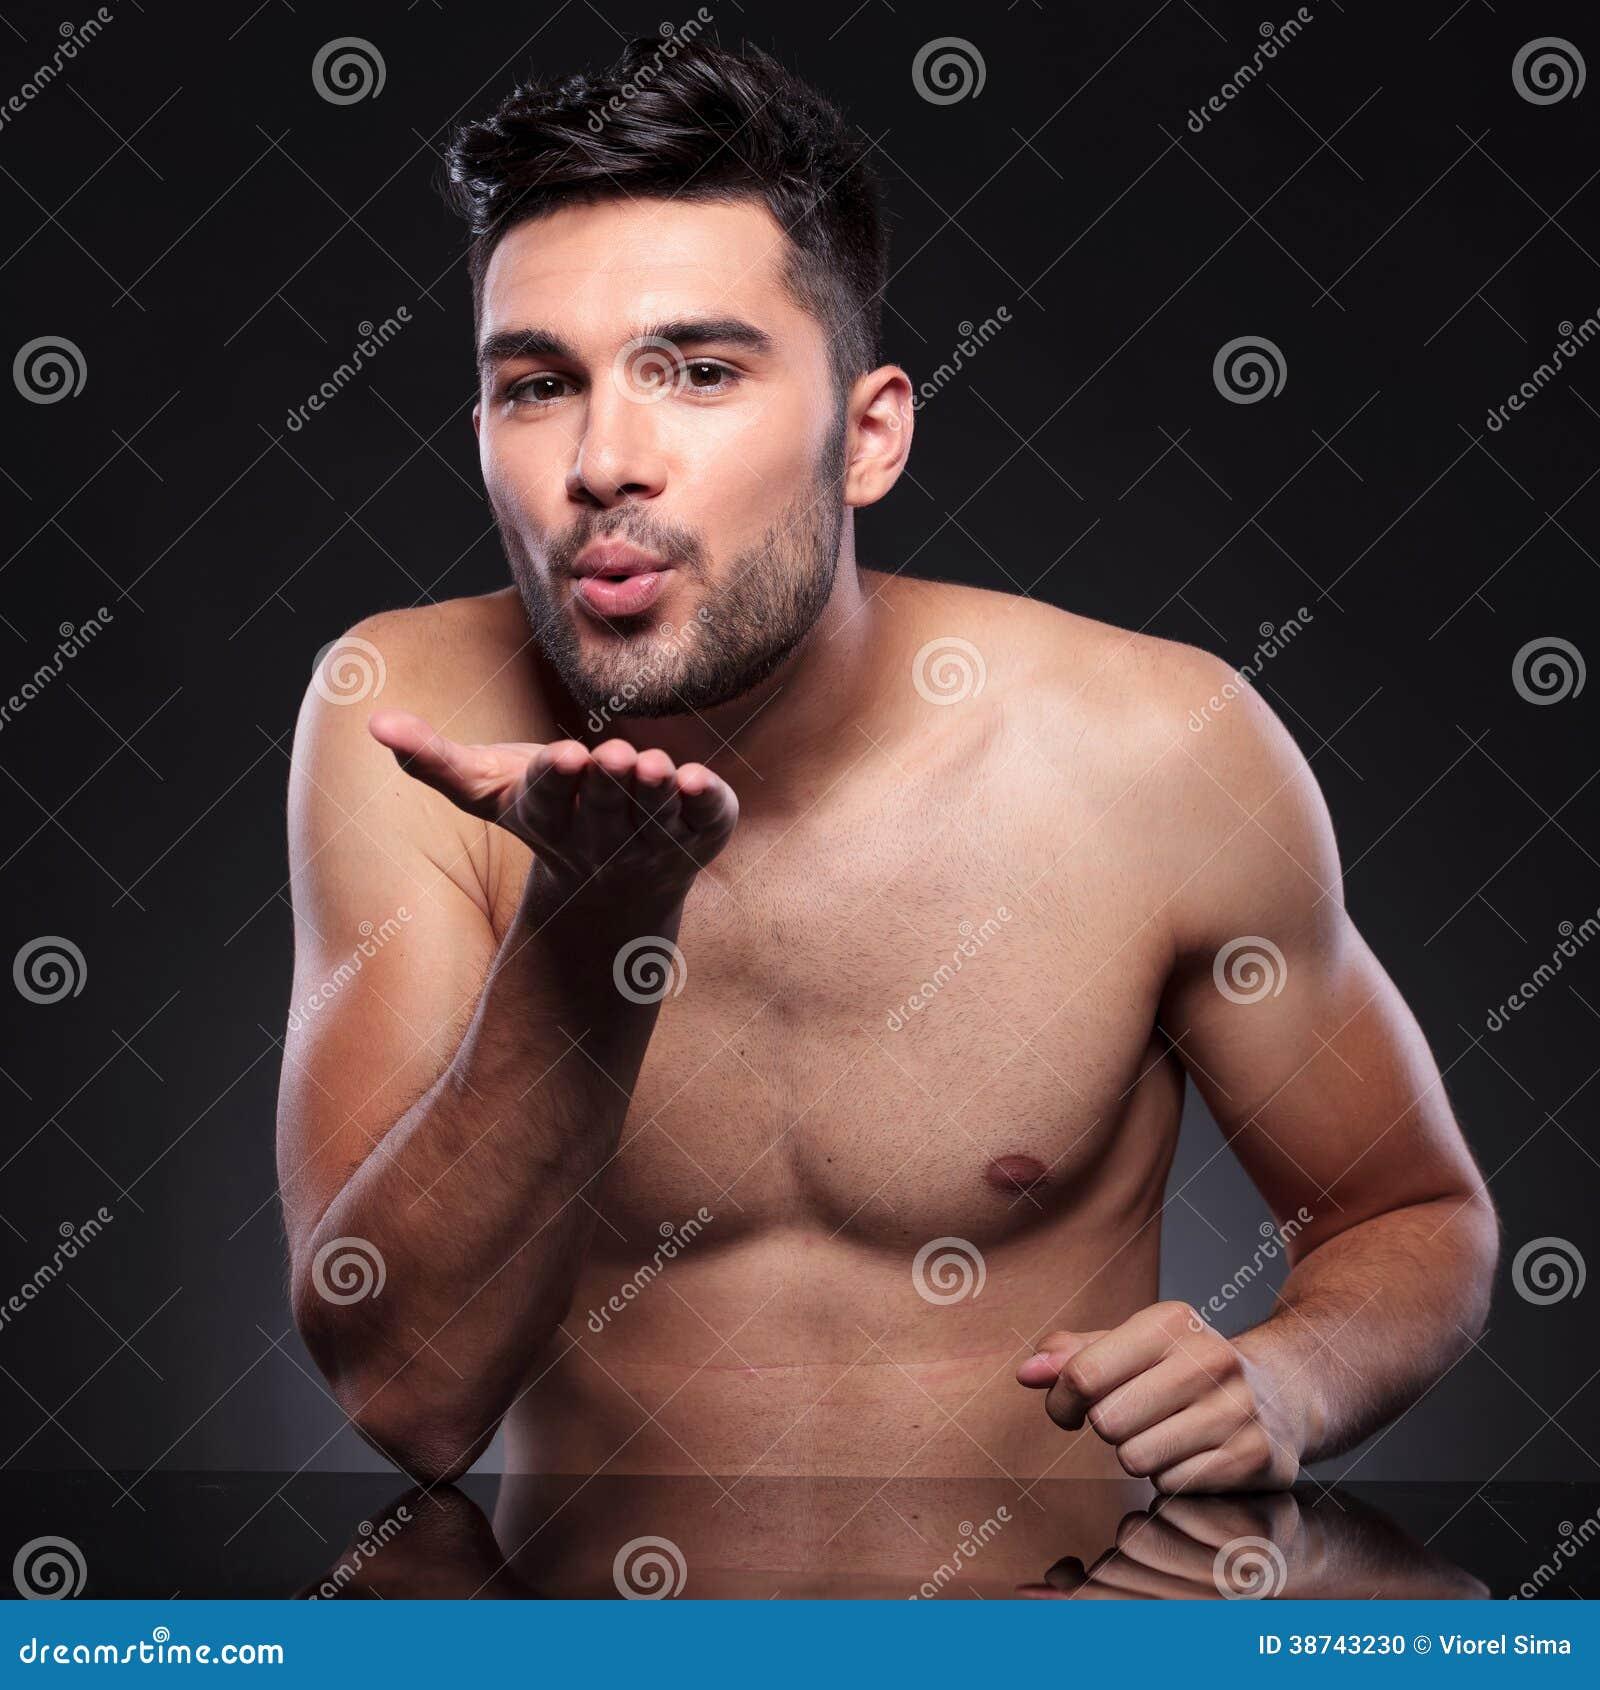 joven desnudo detrás